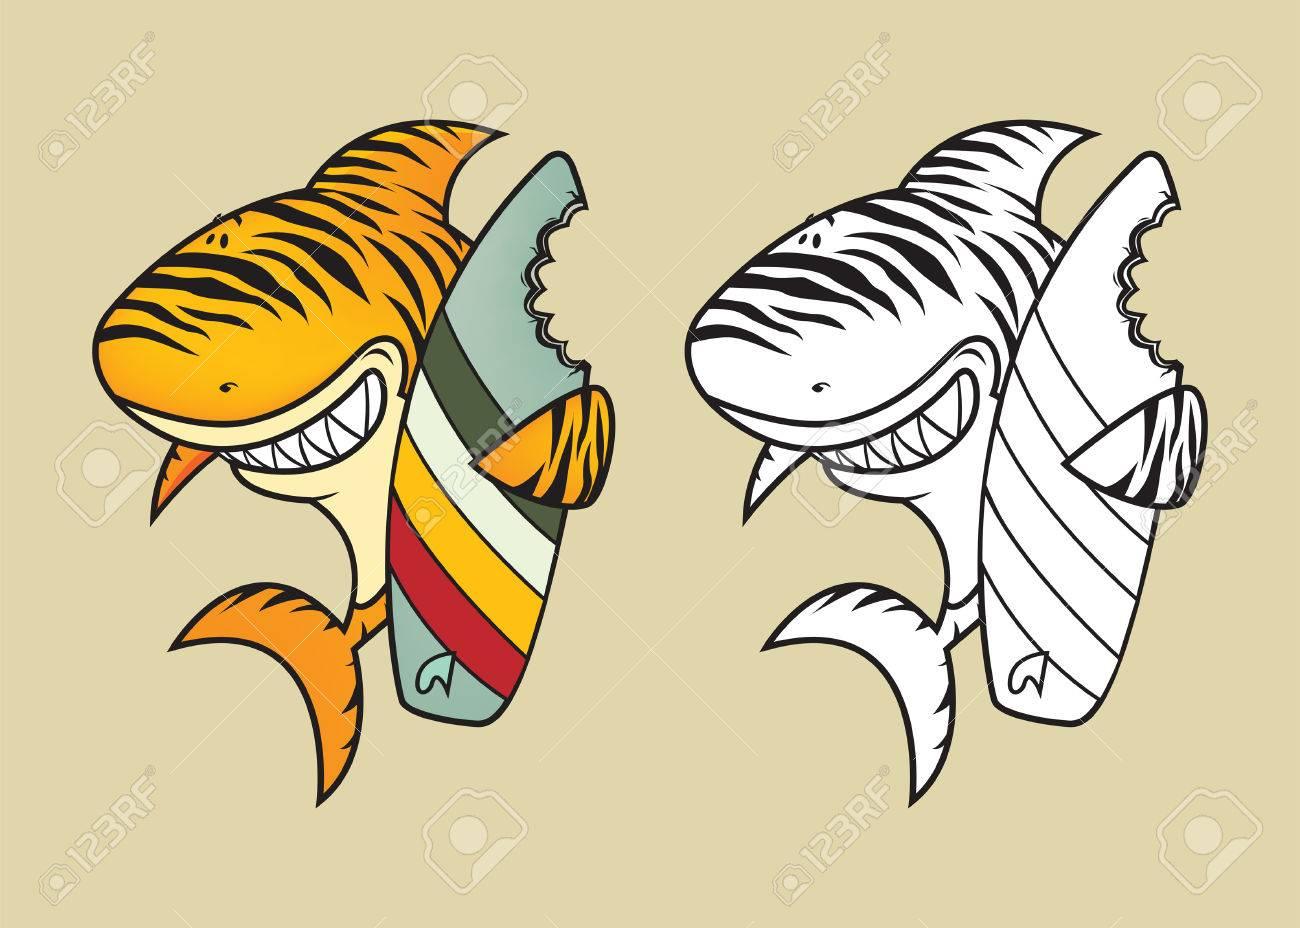 Lustige Tigerhai Mit Surfbrett Färbung Buchillustration Lizenzfrei ...